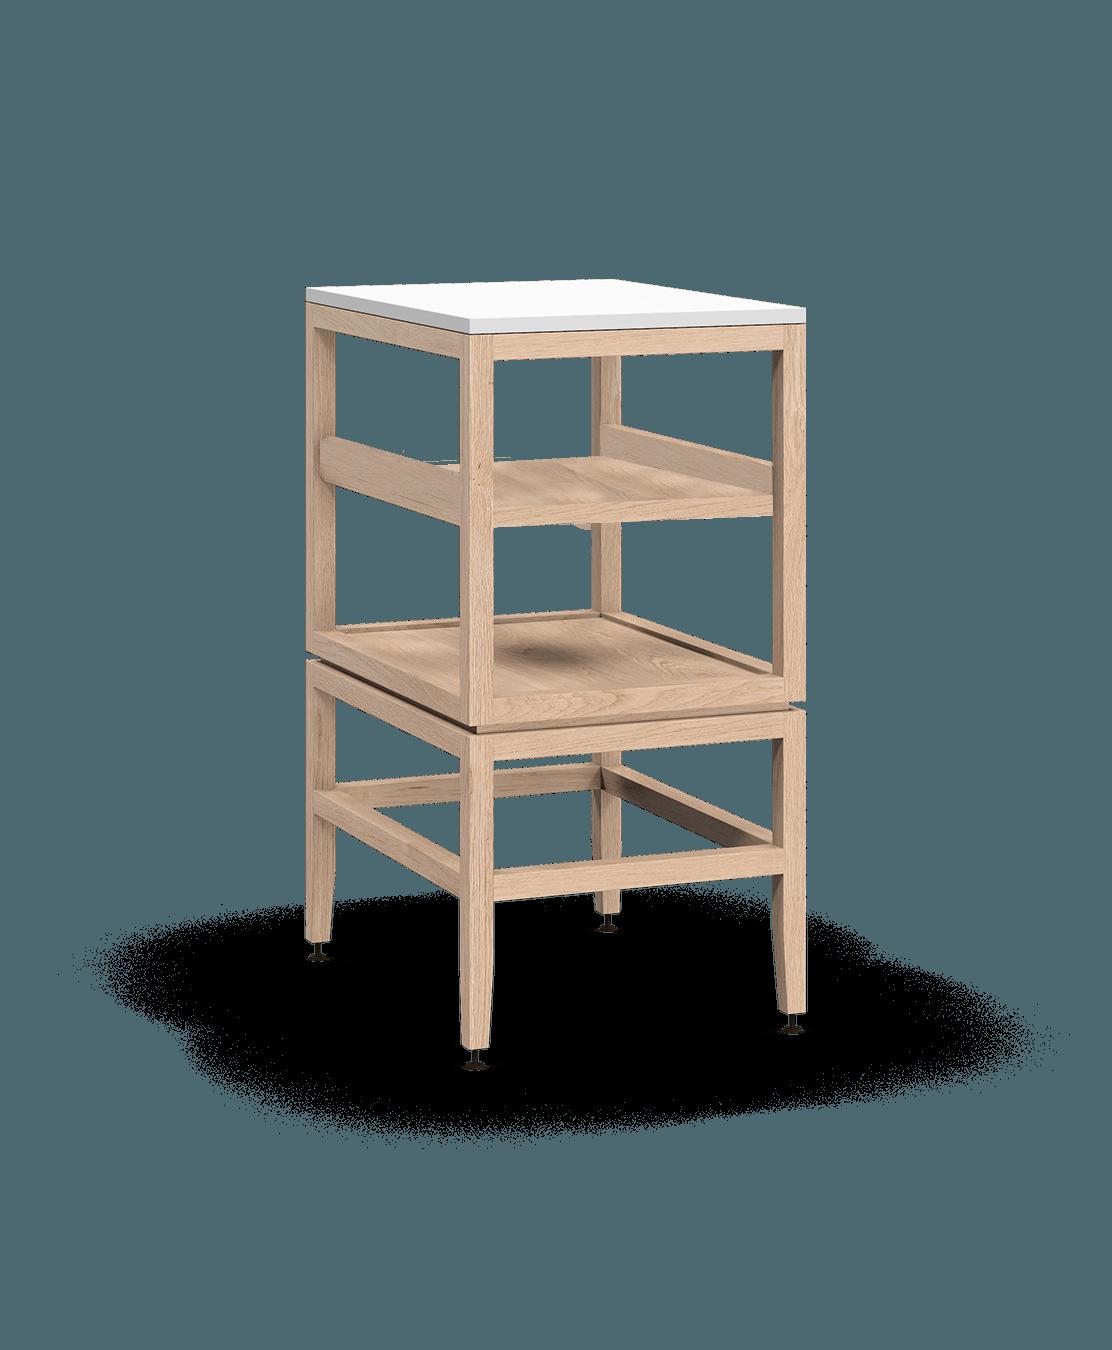 armoire ouverte modulaire de rangement en bois massif coquo volitare avec cube 1 tablette chêne blanc 18 pouces C2-N-1824-001W2-NA